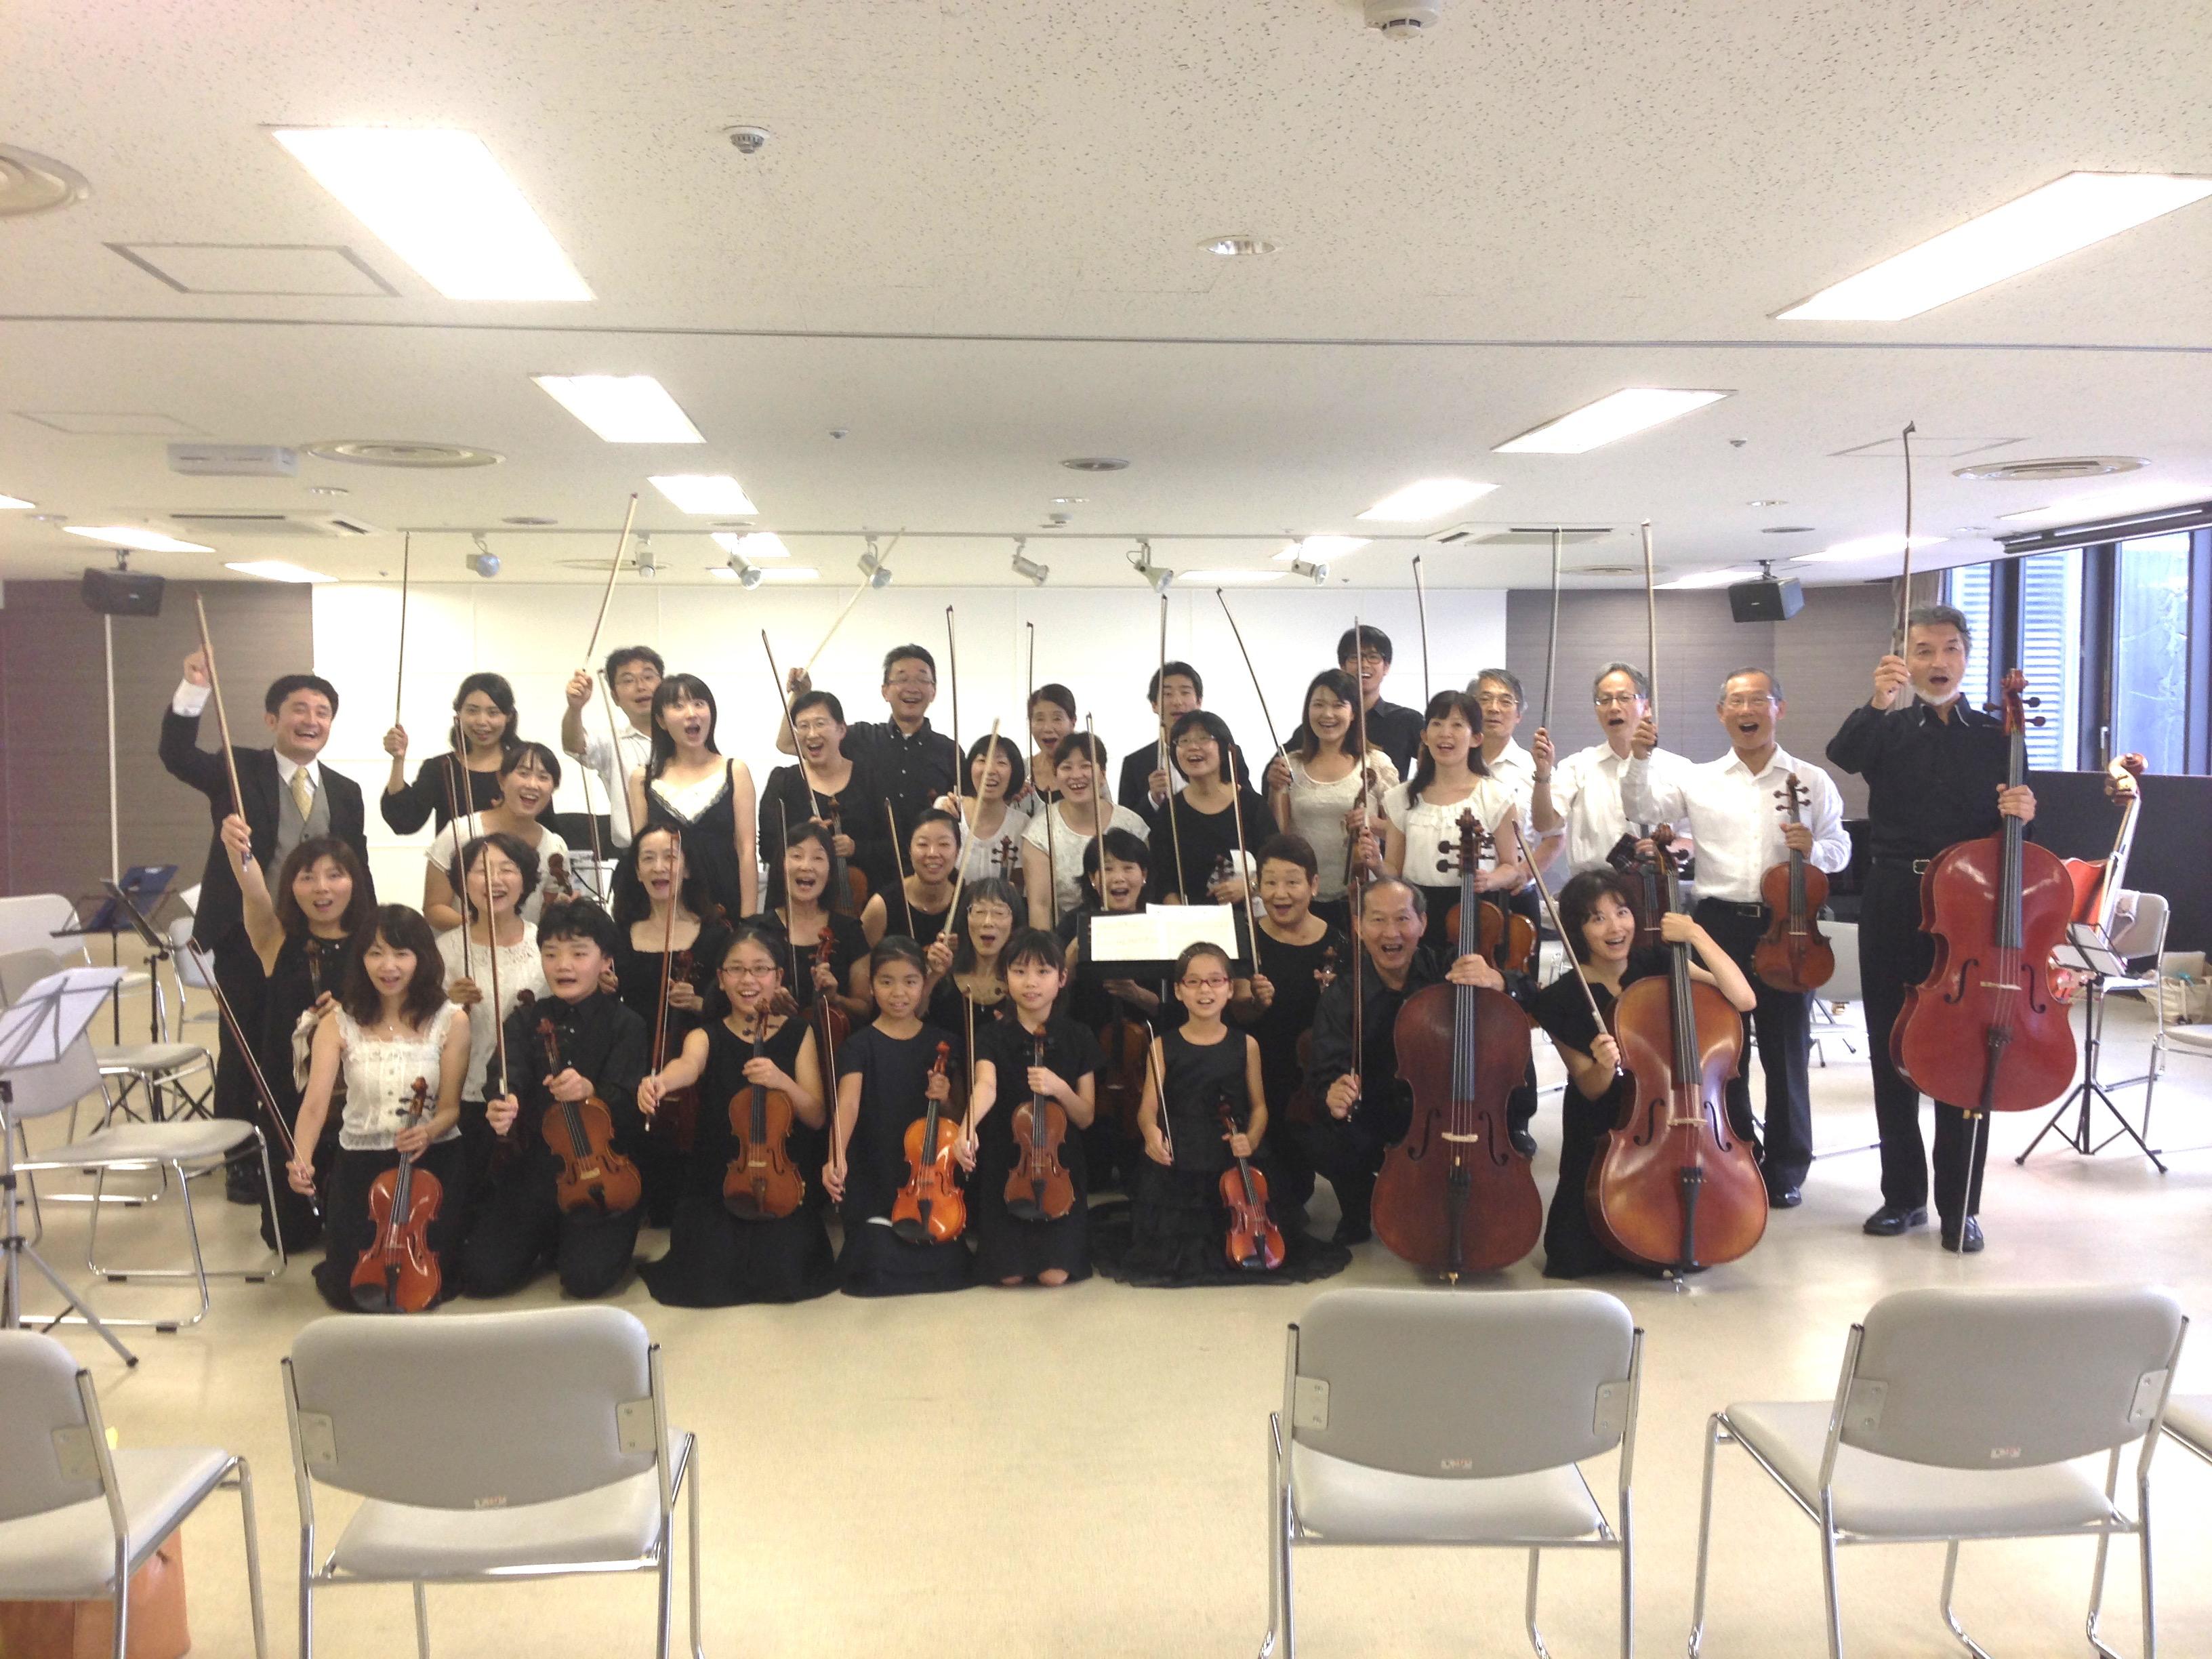 第4回夏の音楽祭コミカレ弦楽セミナー終了